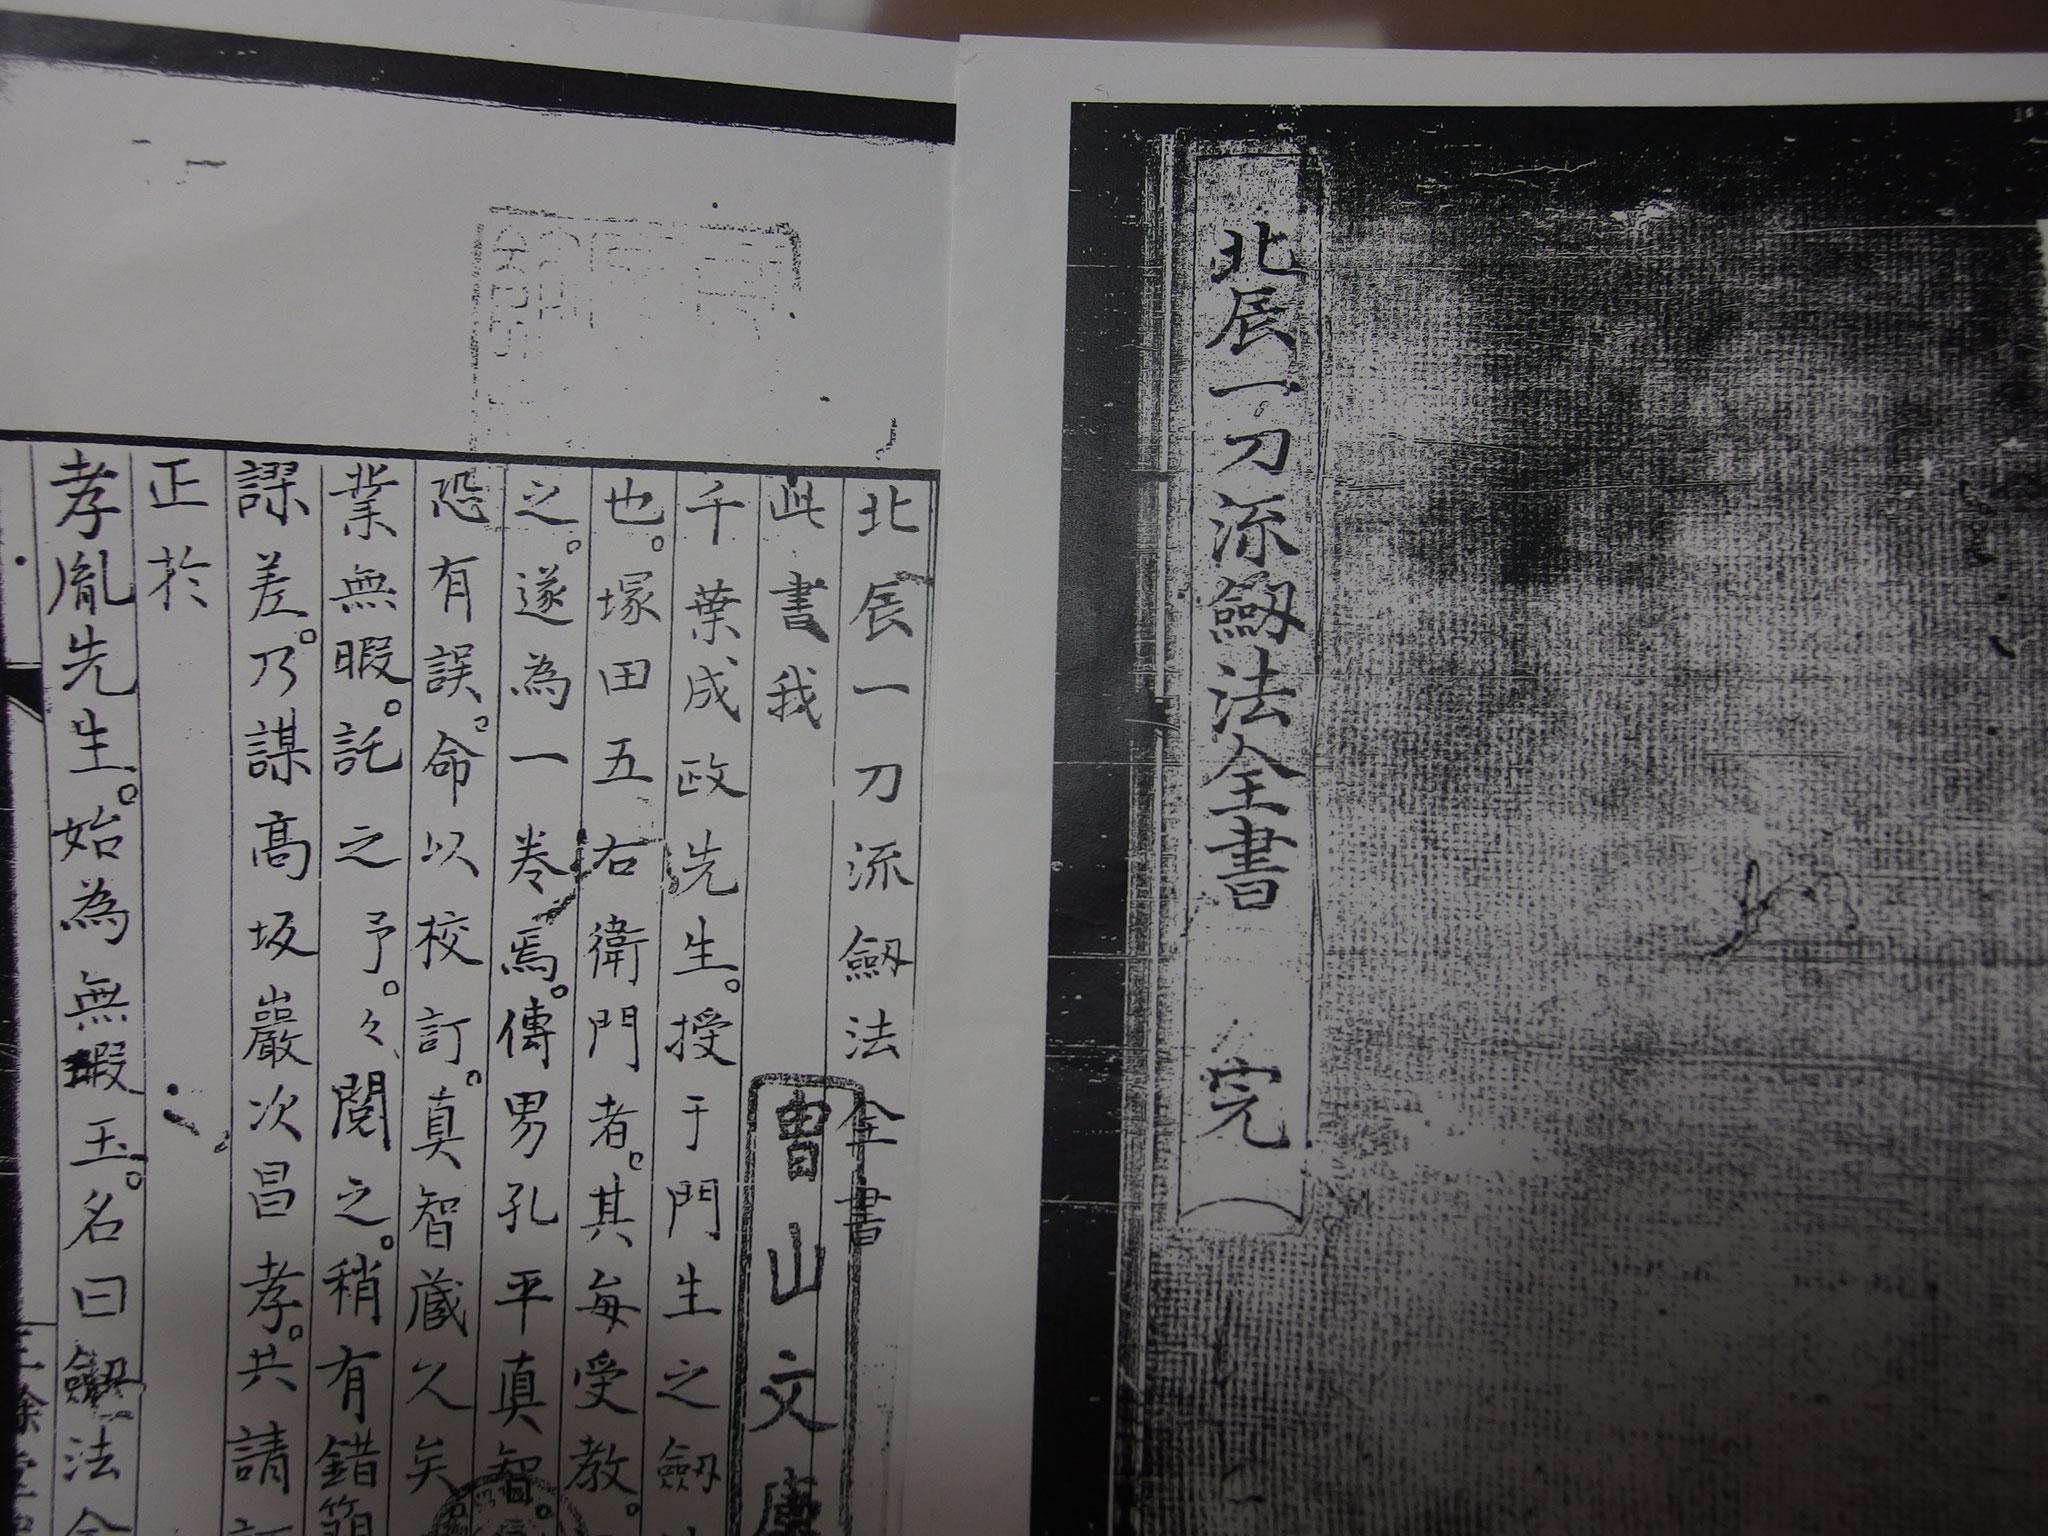 塚田孔平伝書 (北辰一刀流剣法伝書)